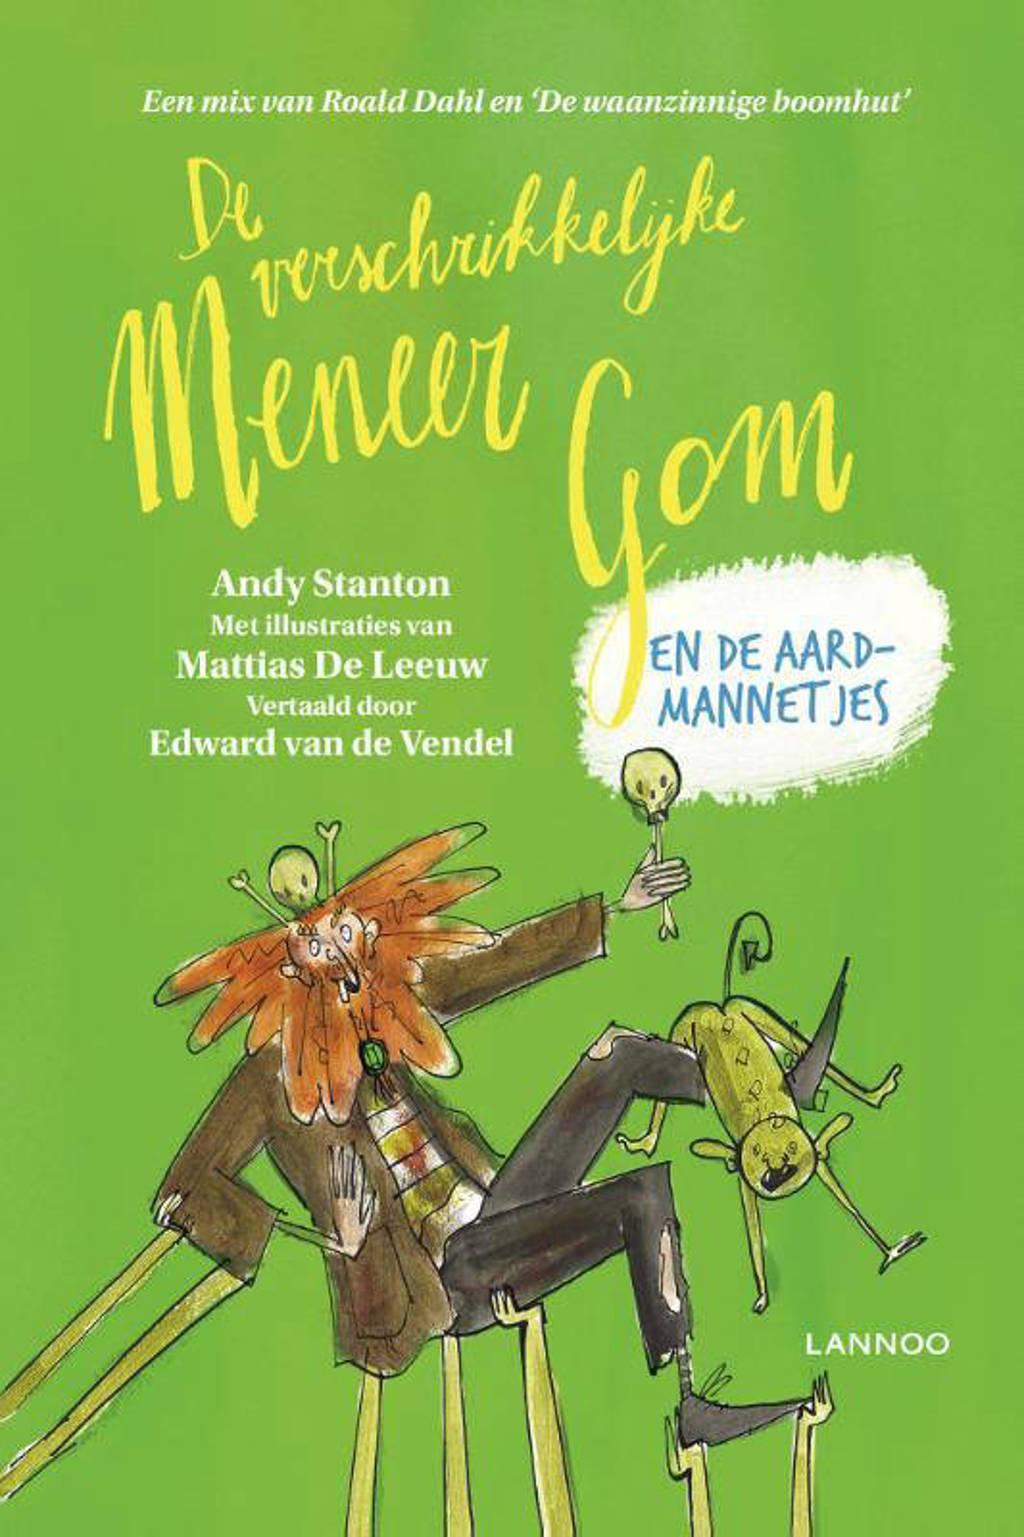 De verschrikkelijke meneer Gom en de aardmannetjes - Andy Stanton